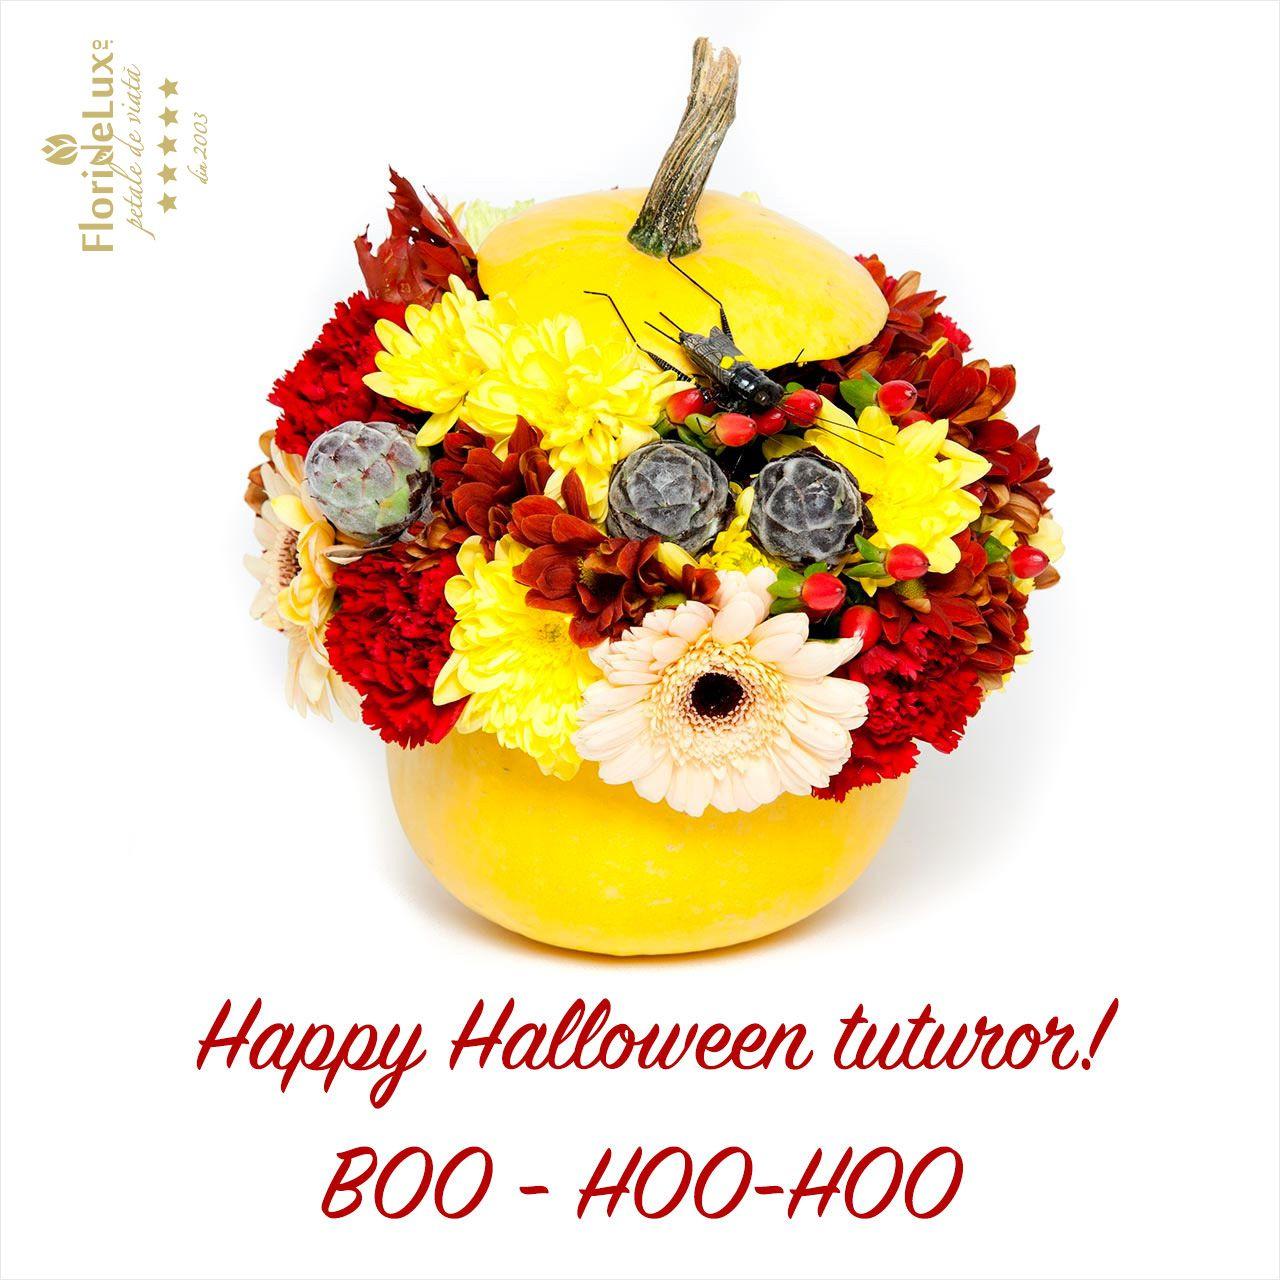 felicitare de Halloween, felicitare virtuala de Halloween  https://www.floridelux.ro/flori-pentru-ocazii/flori-cadouri-sarbatori/flori-halloween-30-octombrie/